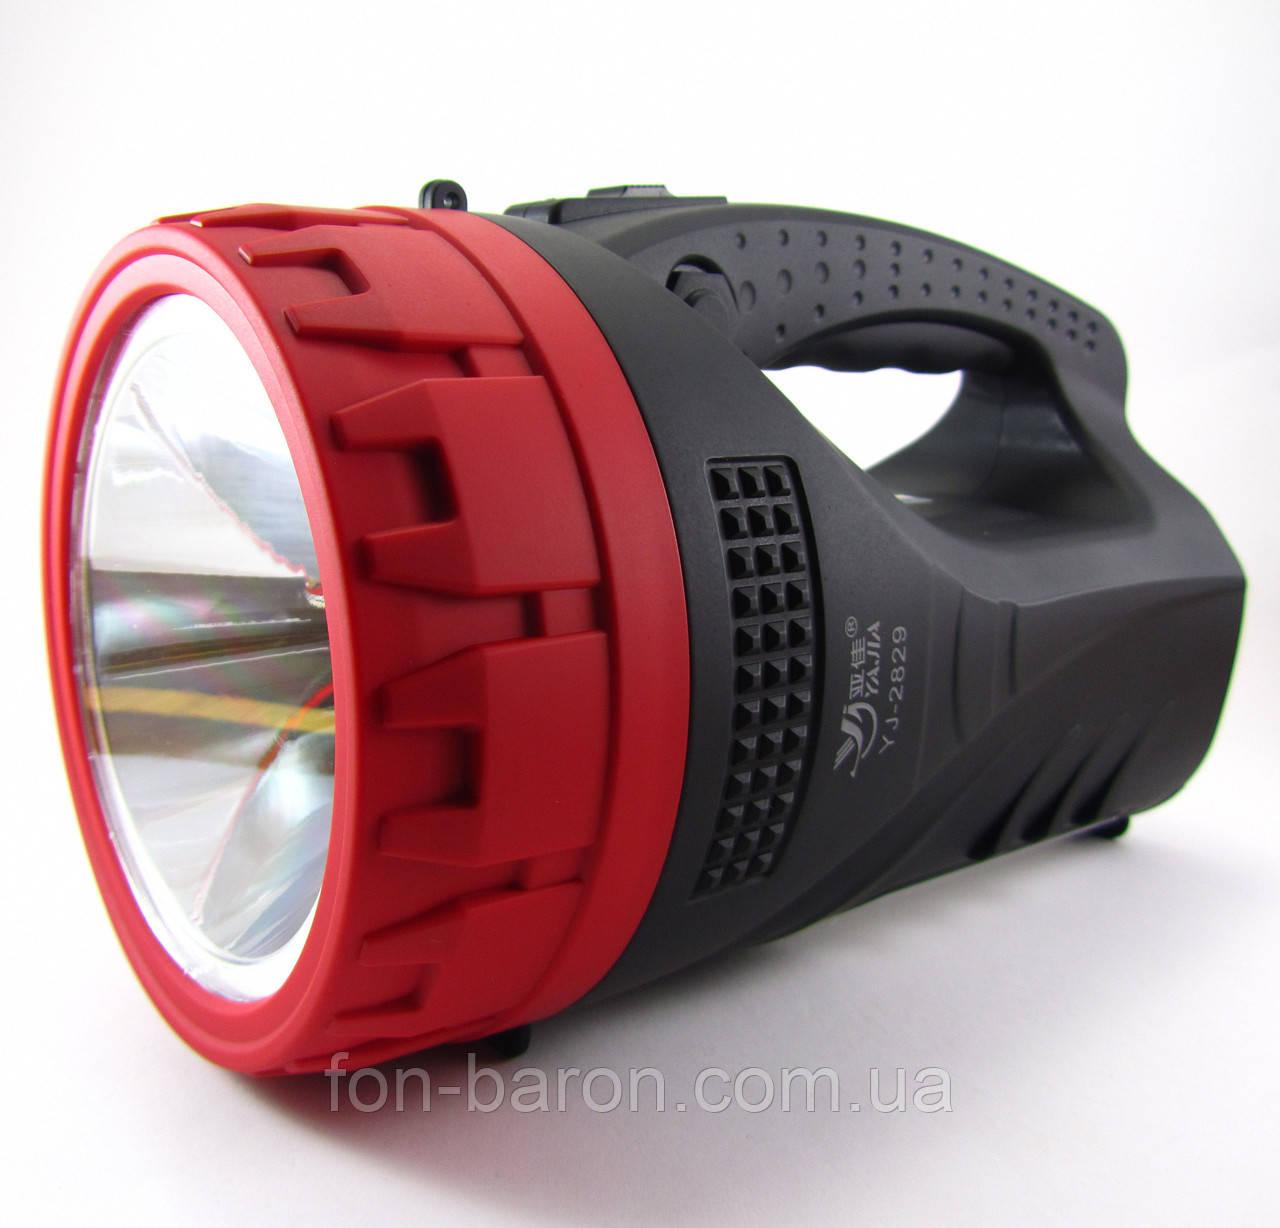 Светодиодный фонарь Yajia YJ-2829 5W - Fon-Baron - Магазин портативной техники и электроники в Одессе